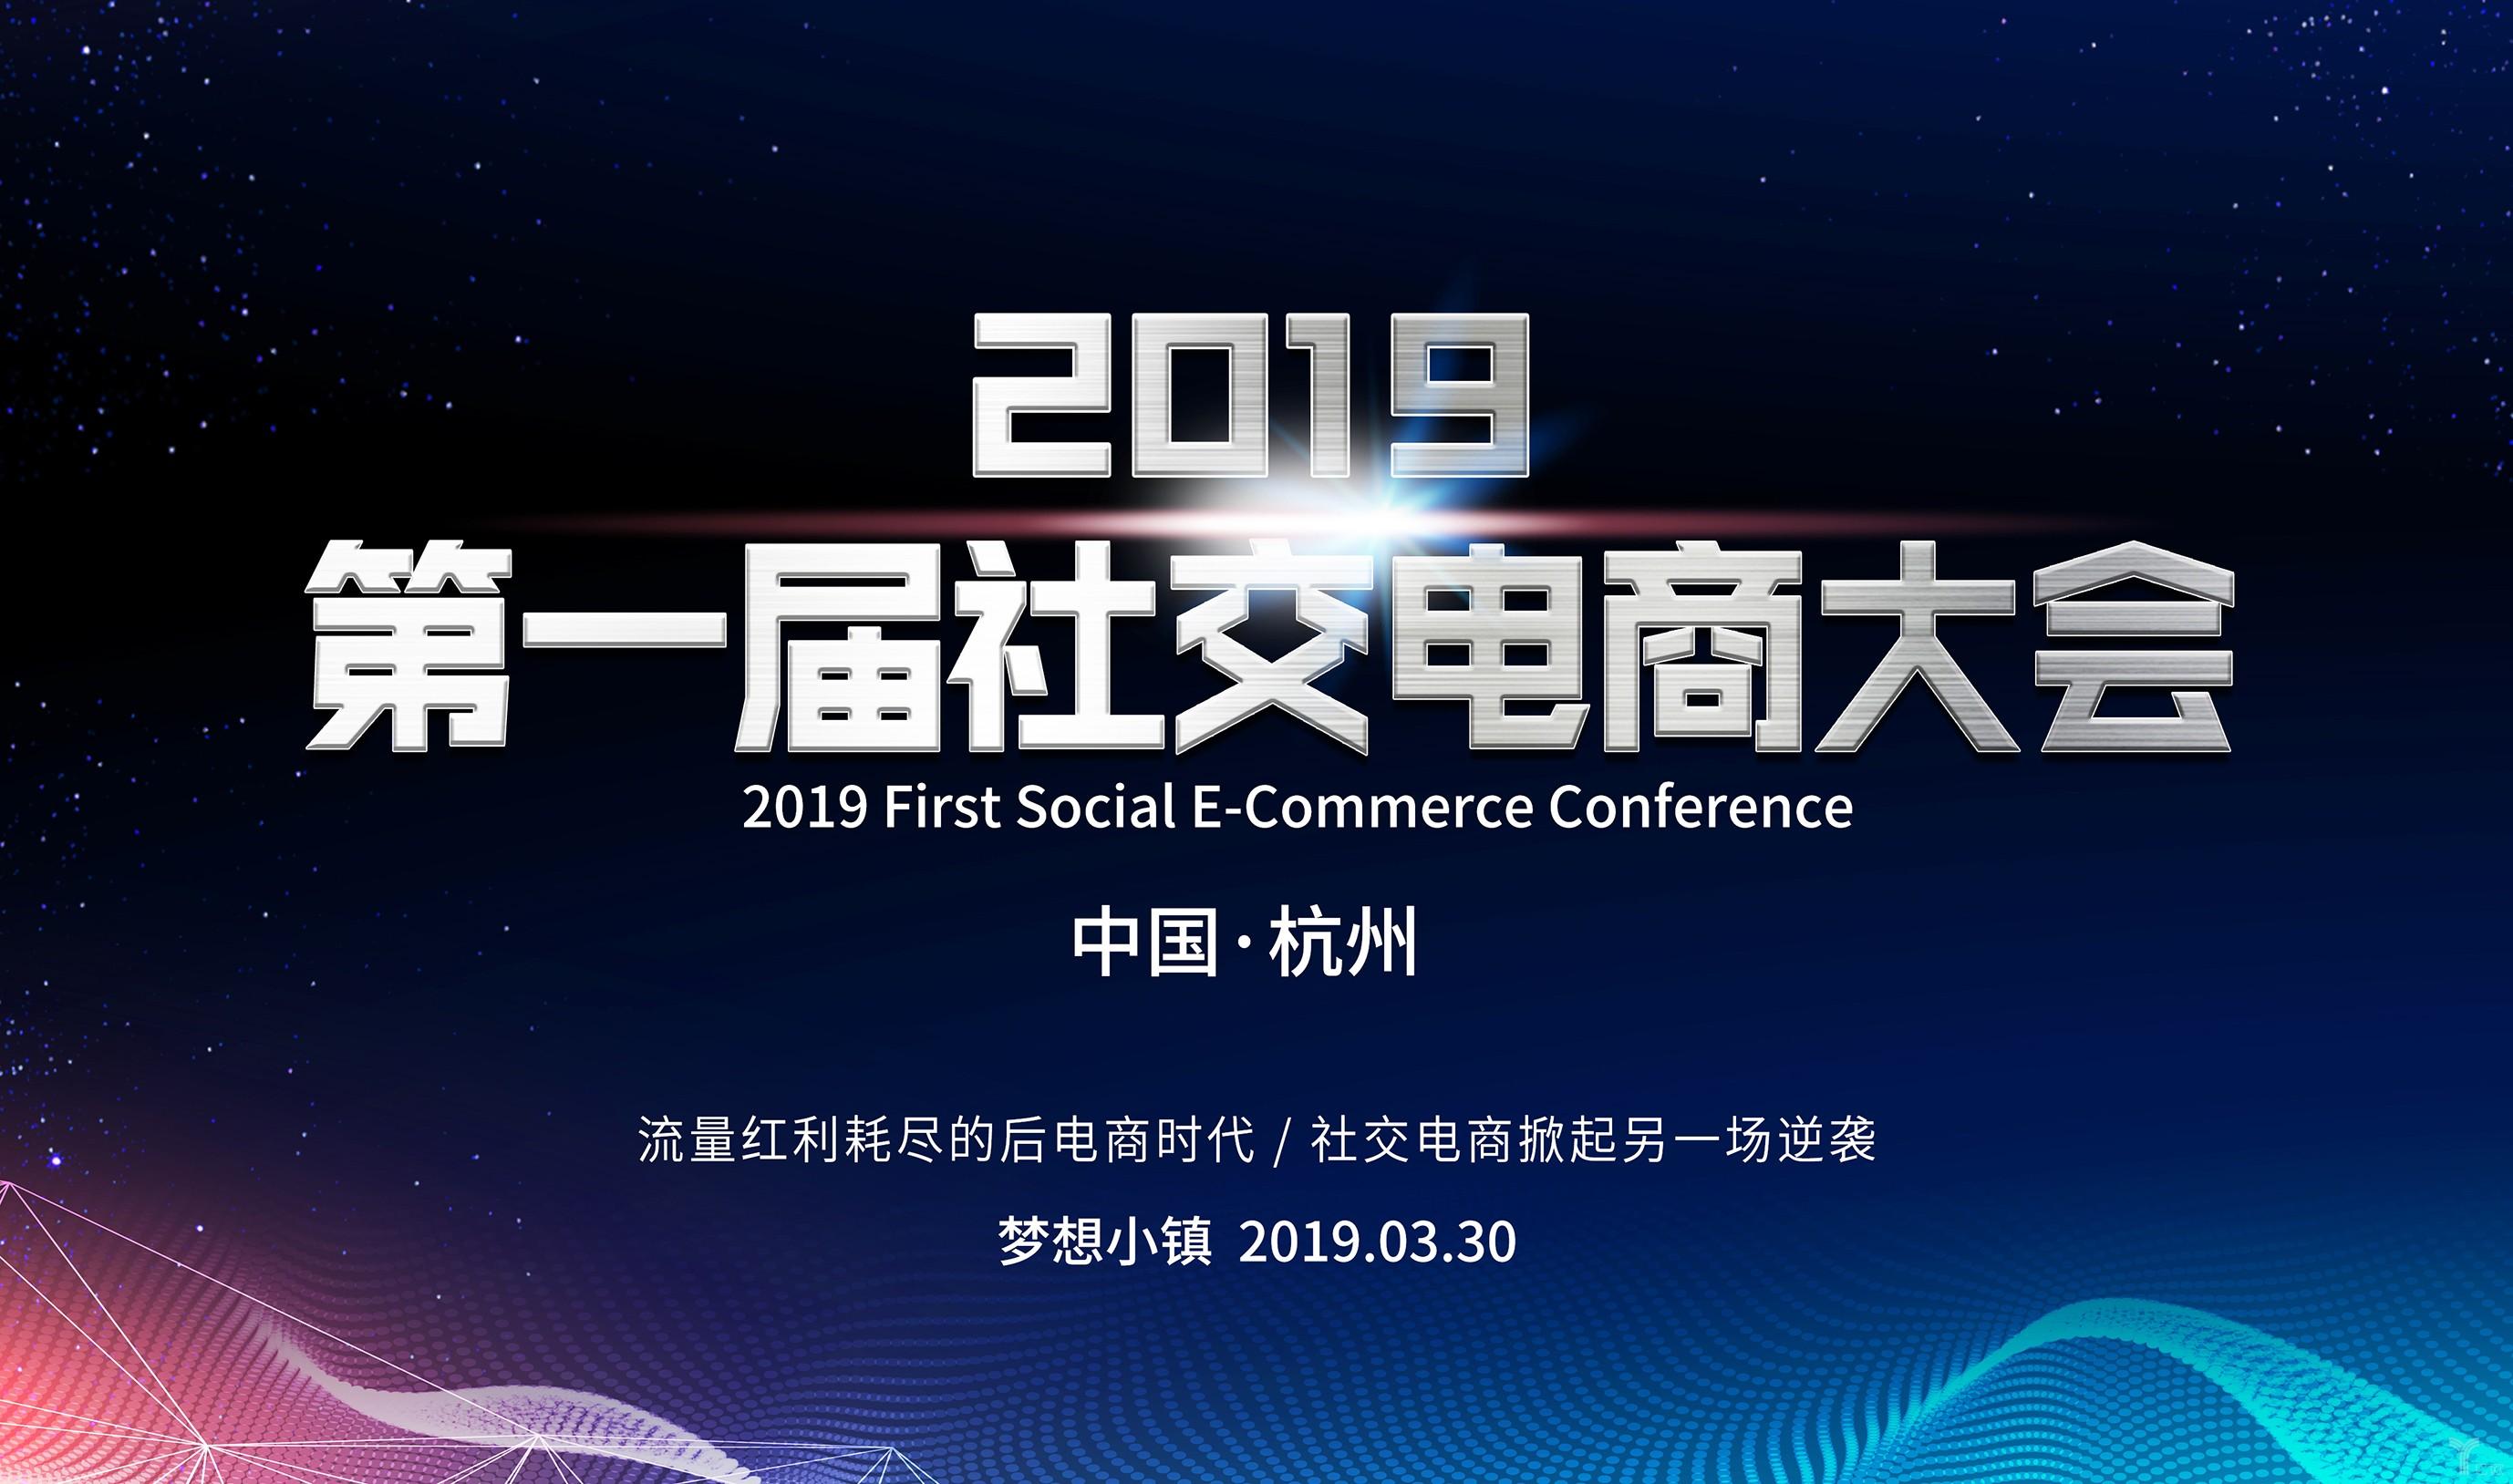 2019第一届社交电商大会即将在杭州举办